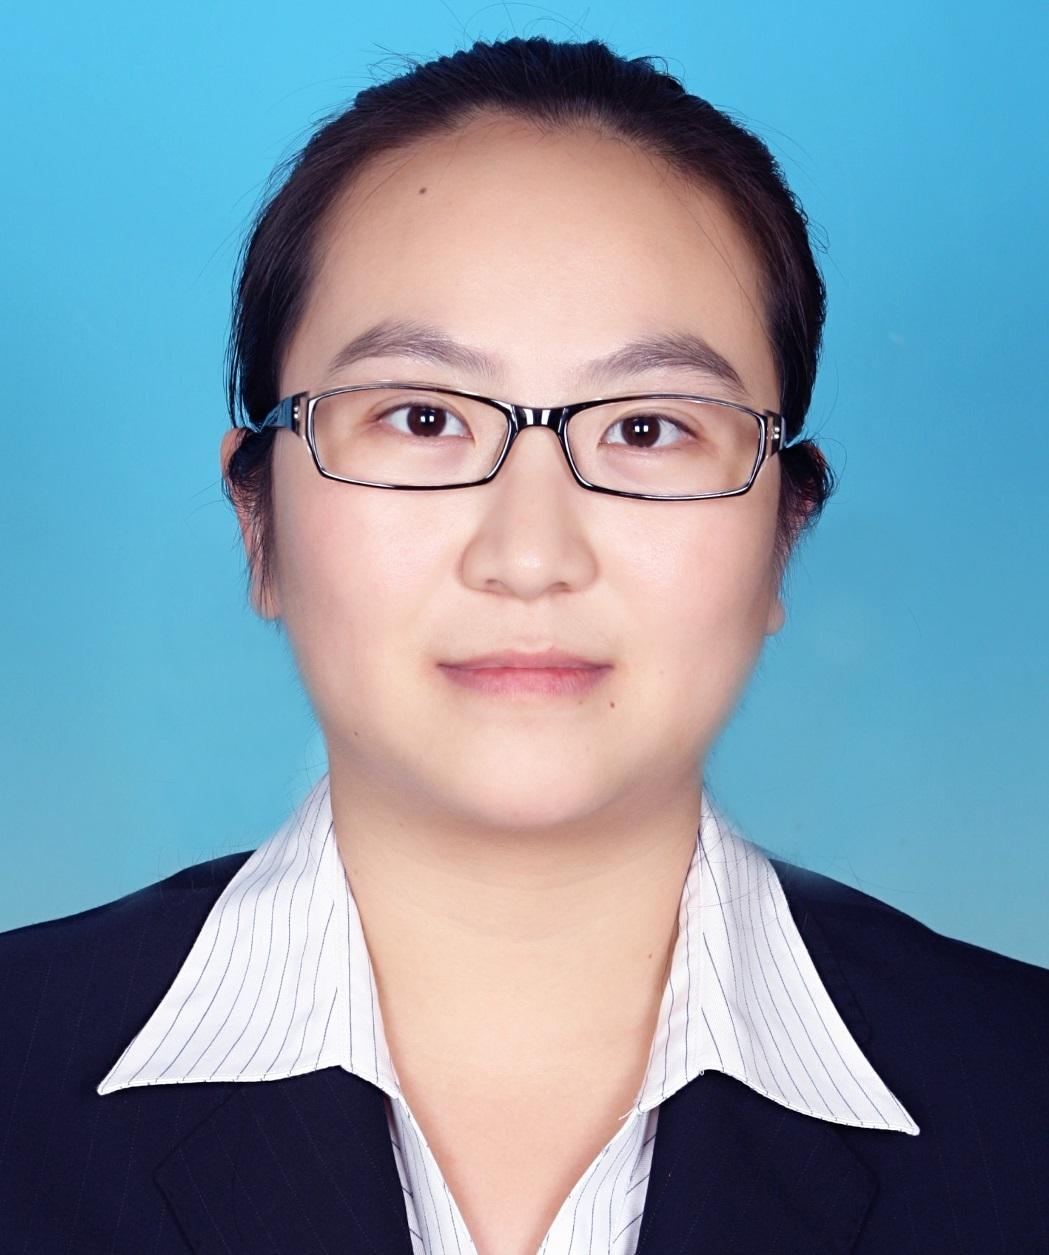 岛津企业管理(中国)有限公司光谱产品工程师,毕业于华东理工大学,分析化学硕士,主要从事原子光谱/质谱的应用技术支持和市场推广工作。